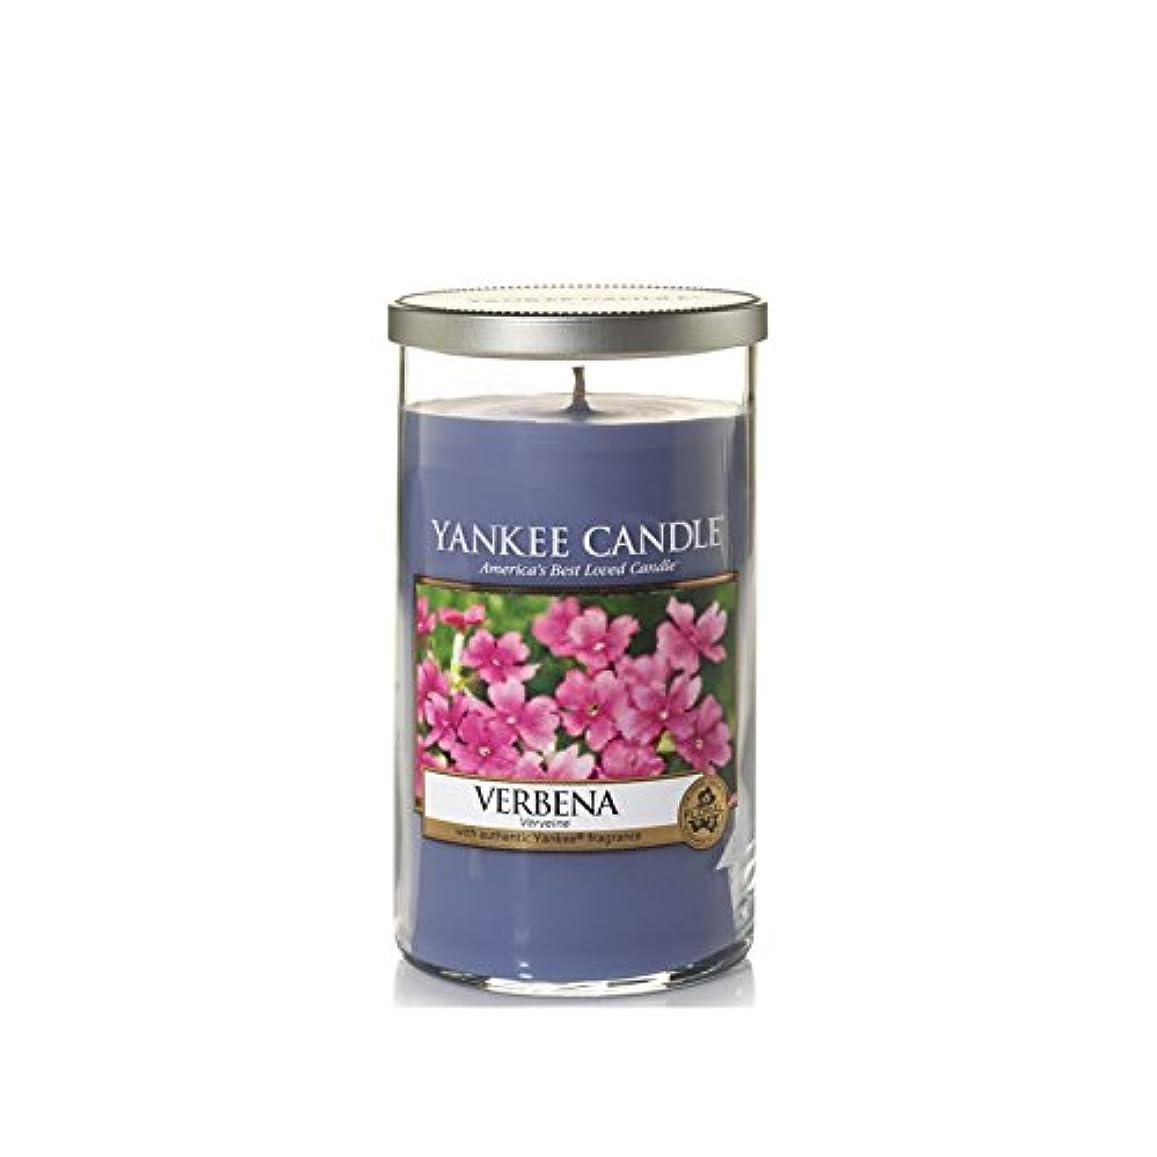 知覚器官志すヤンキーキャンドルメディアピラーキャンドル - バーベナ - Yankee Candles Medium Pillar Candle - Verbena (Yankee Candles) [並行輸入品]